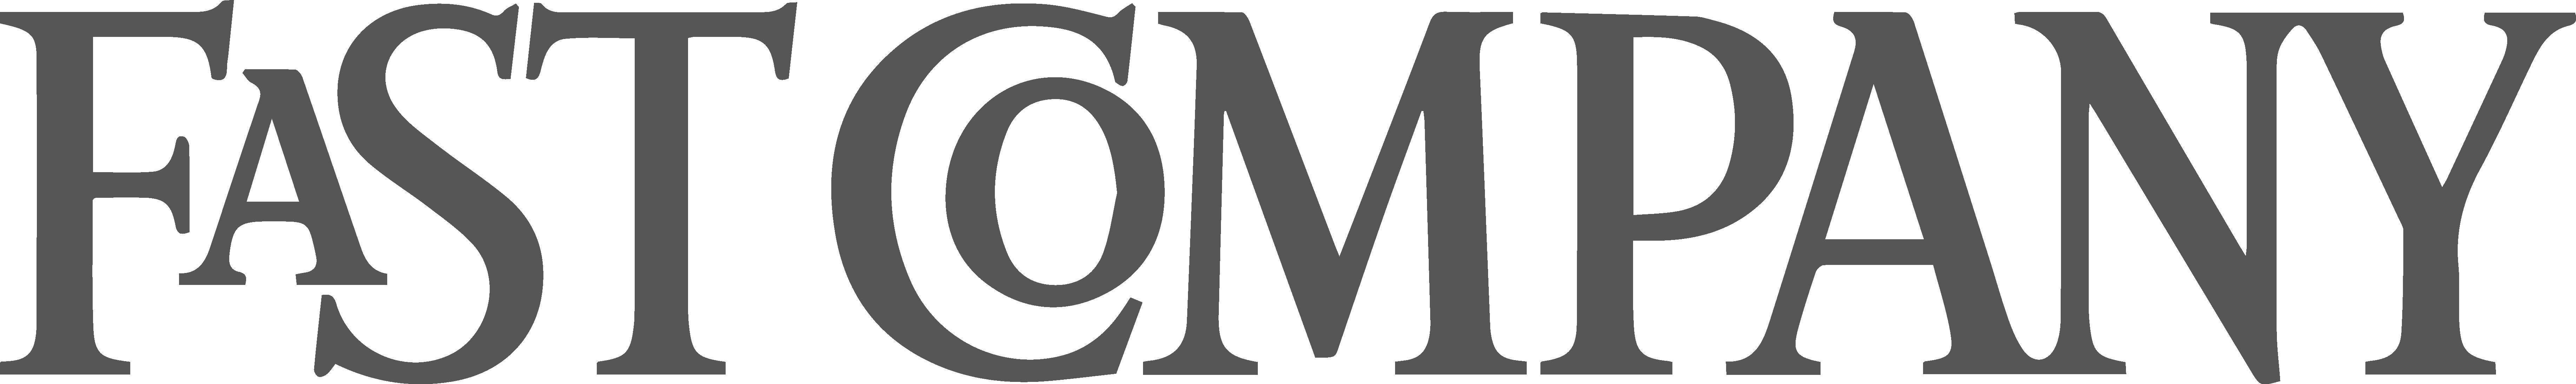 Logo Dark Gray - Fast Company